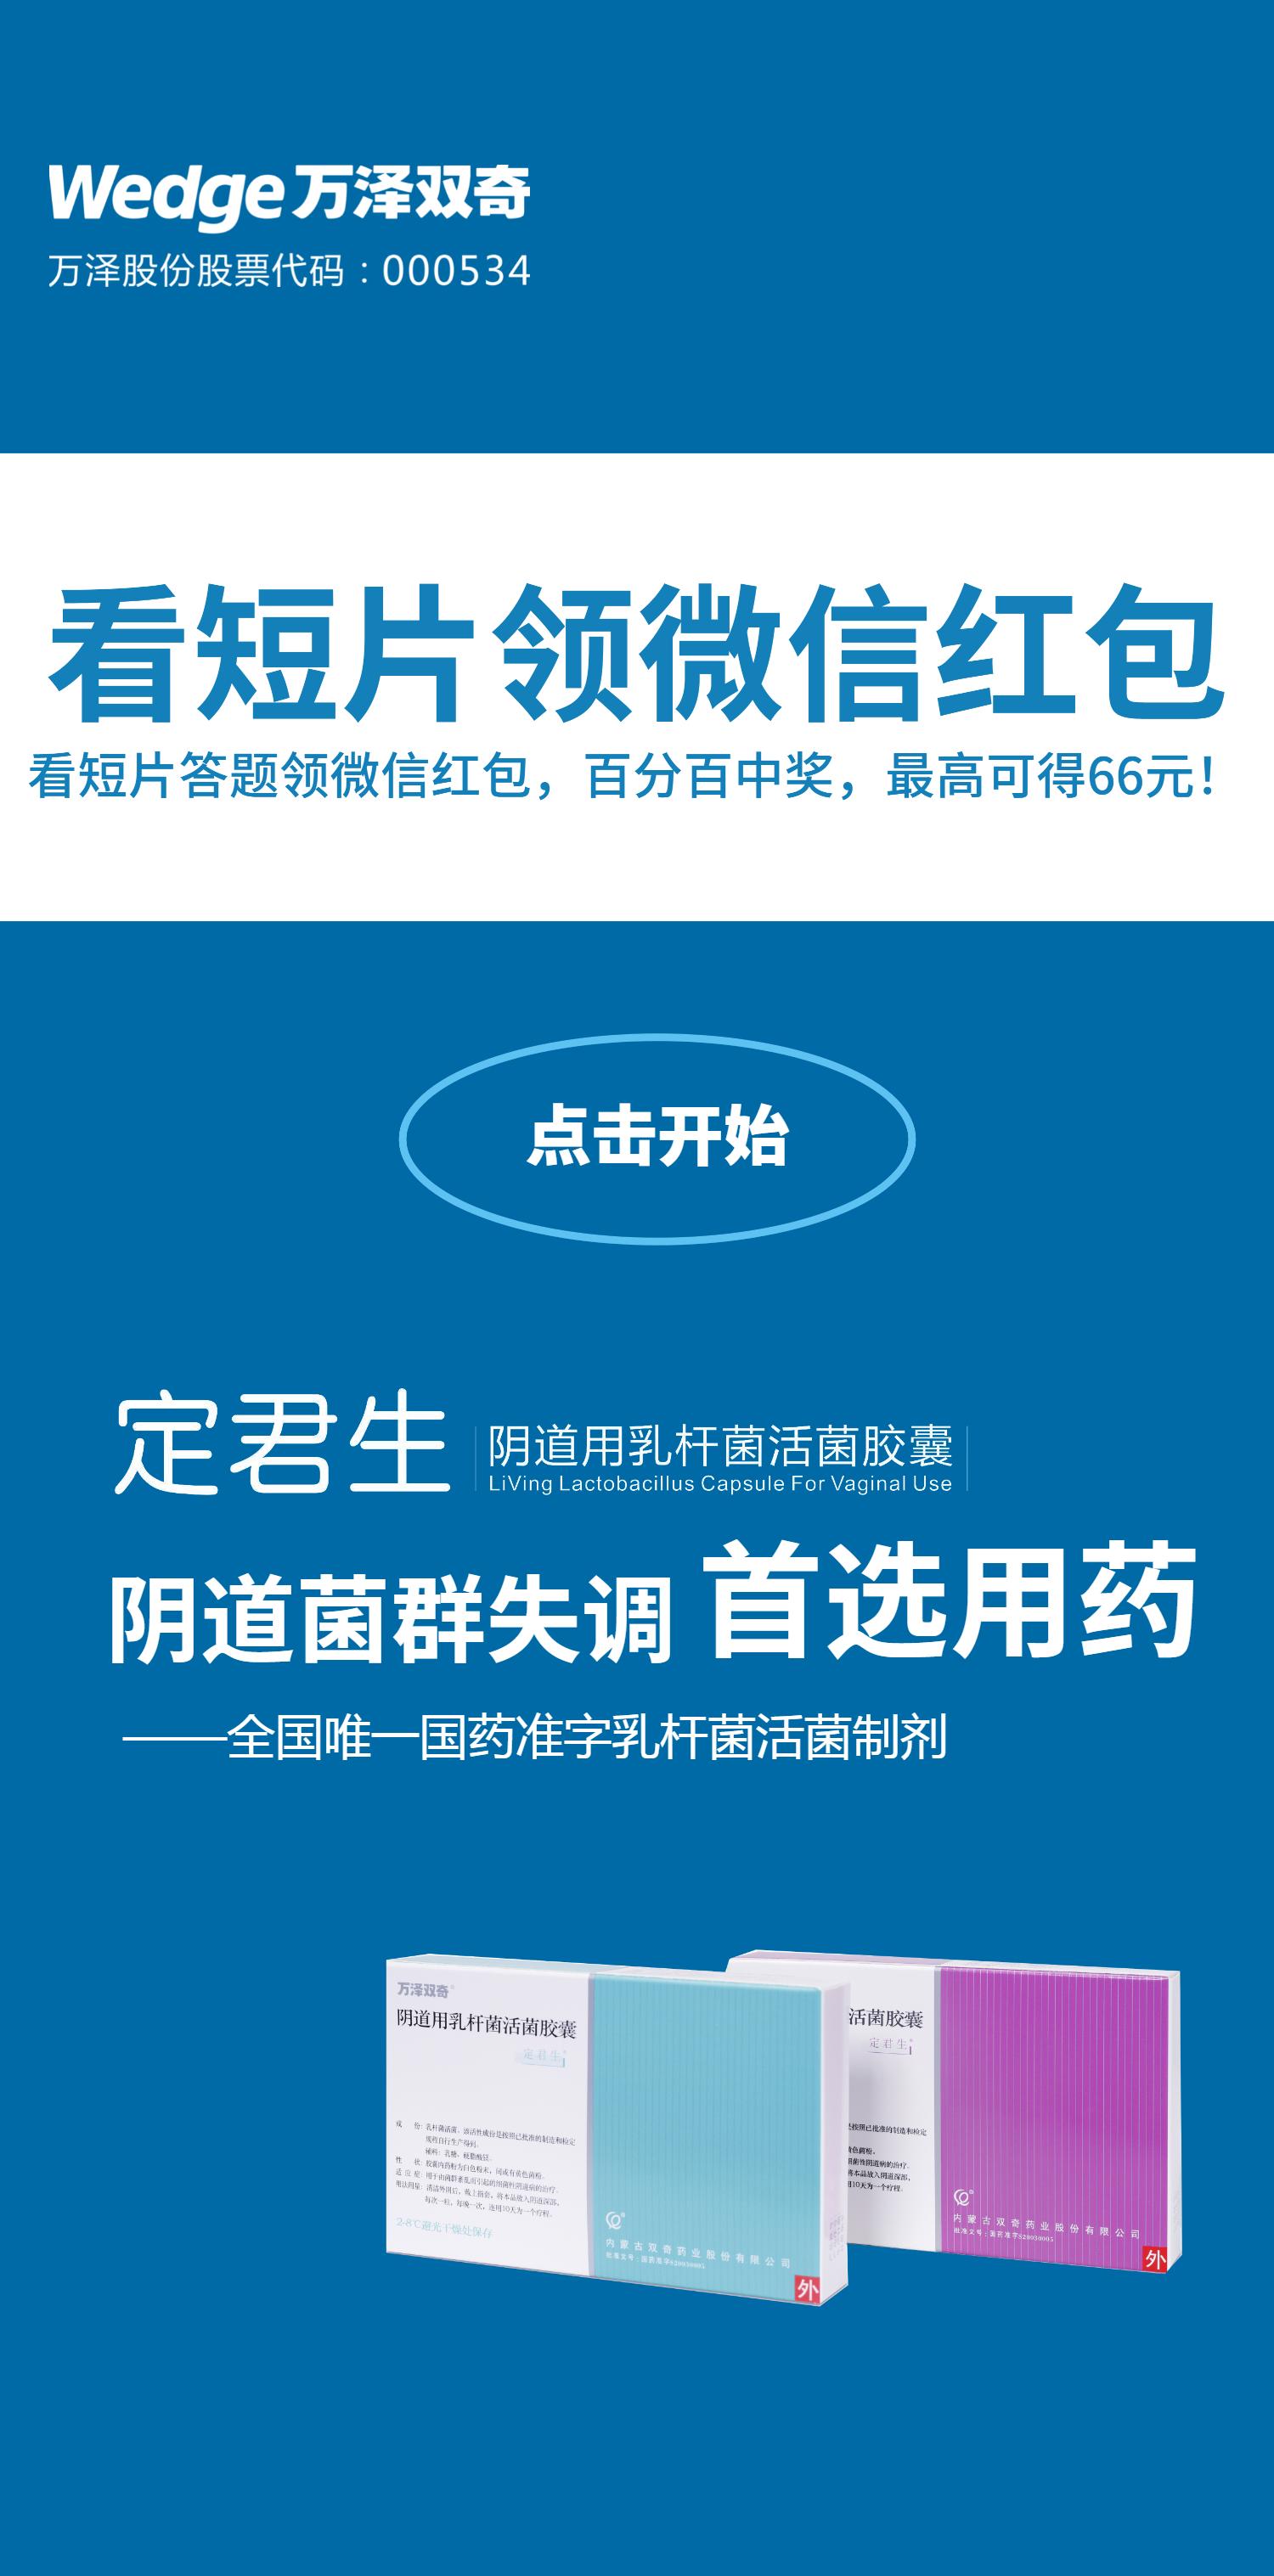 深圳德盛将来科技 在线培训系统 应急救护培训系统 有奖调研系统 内部培训系统